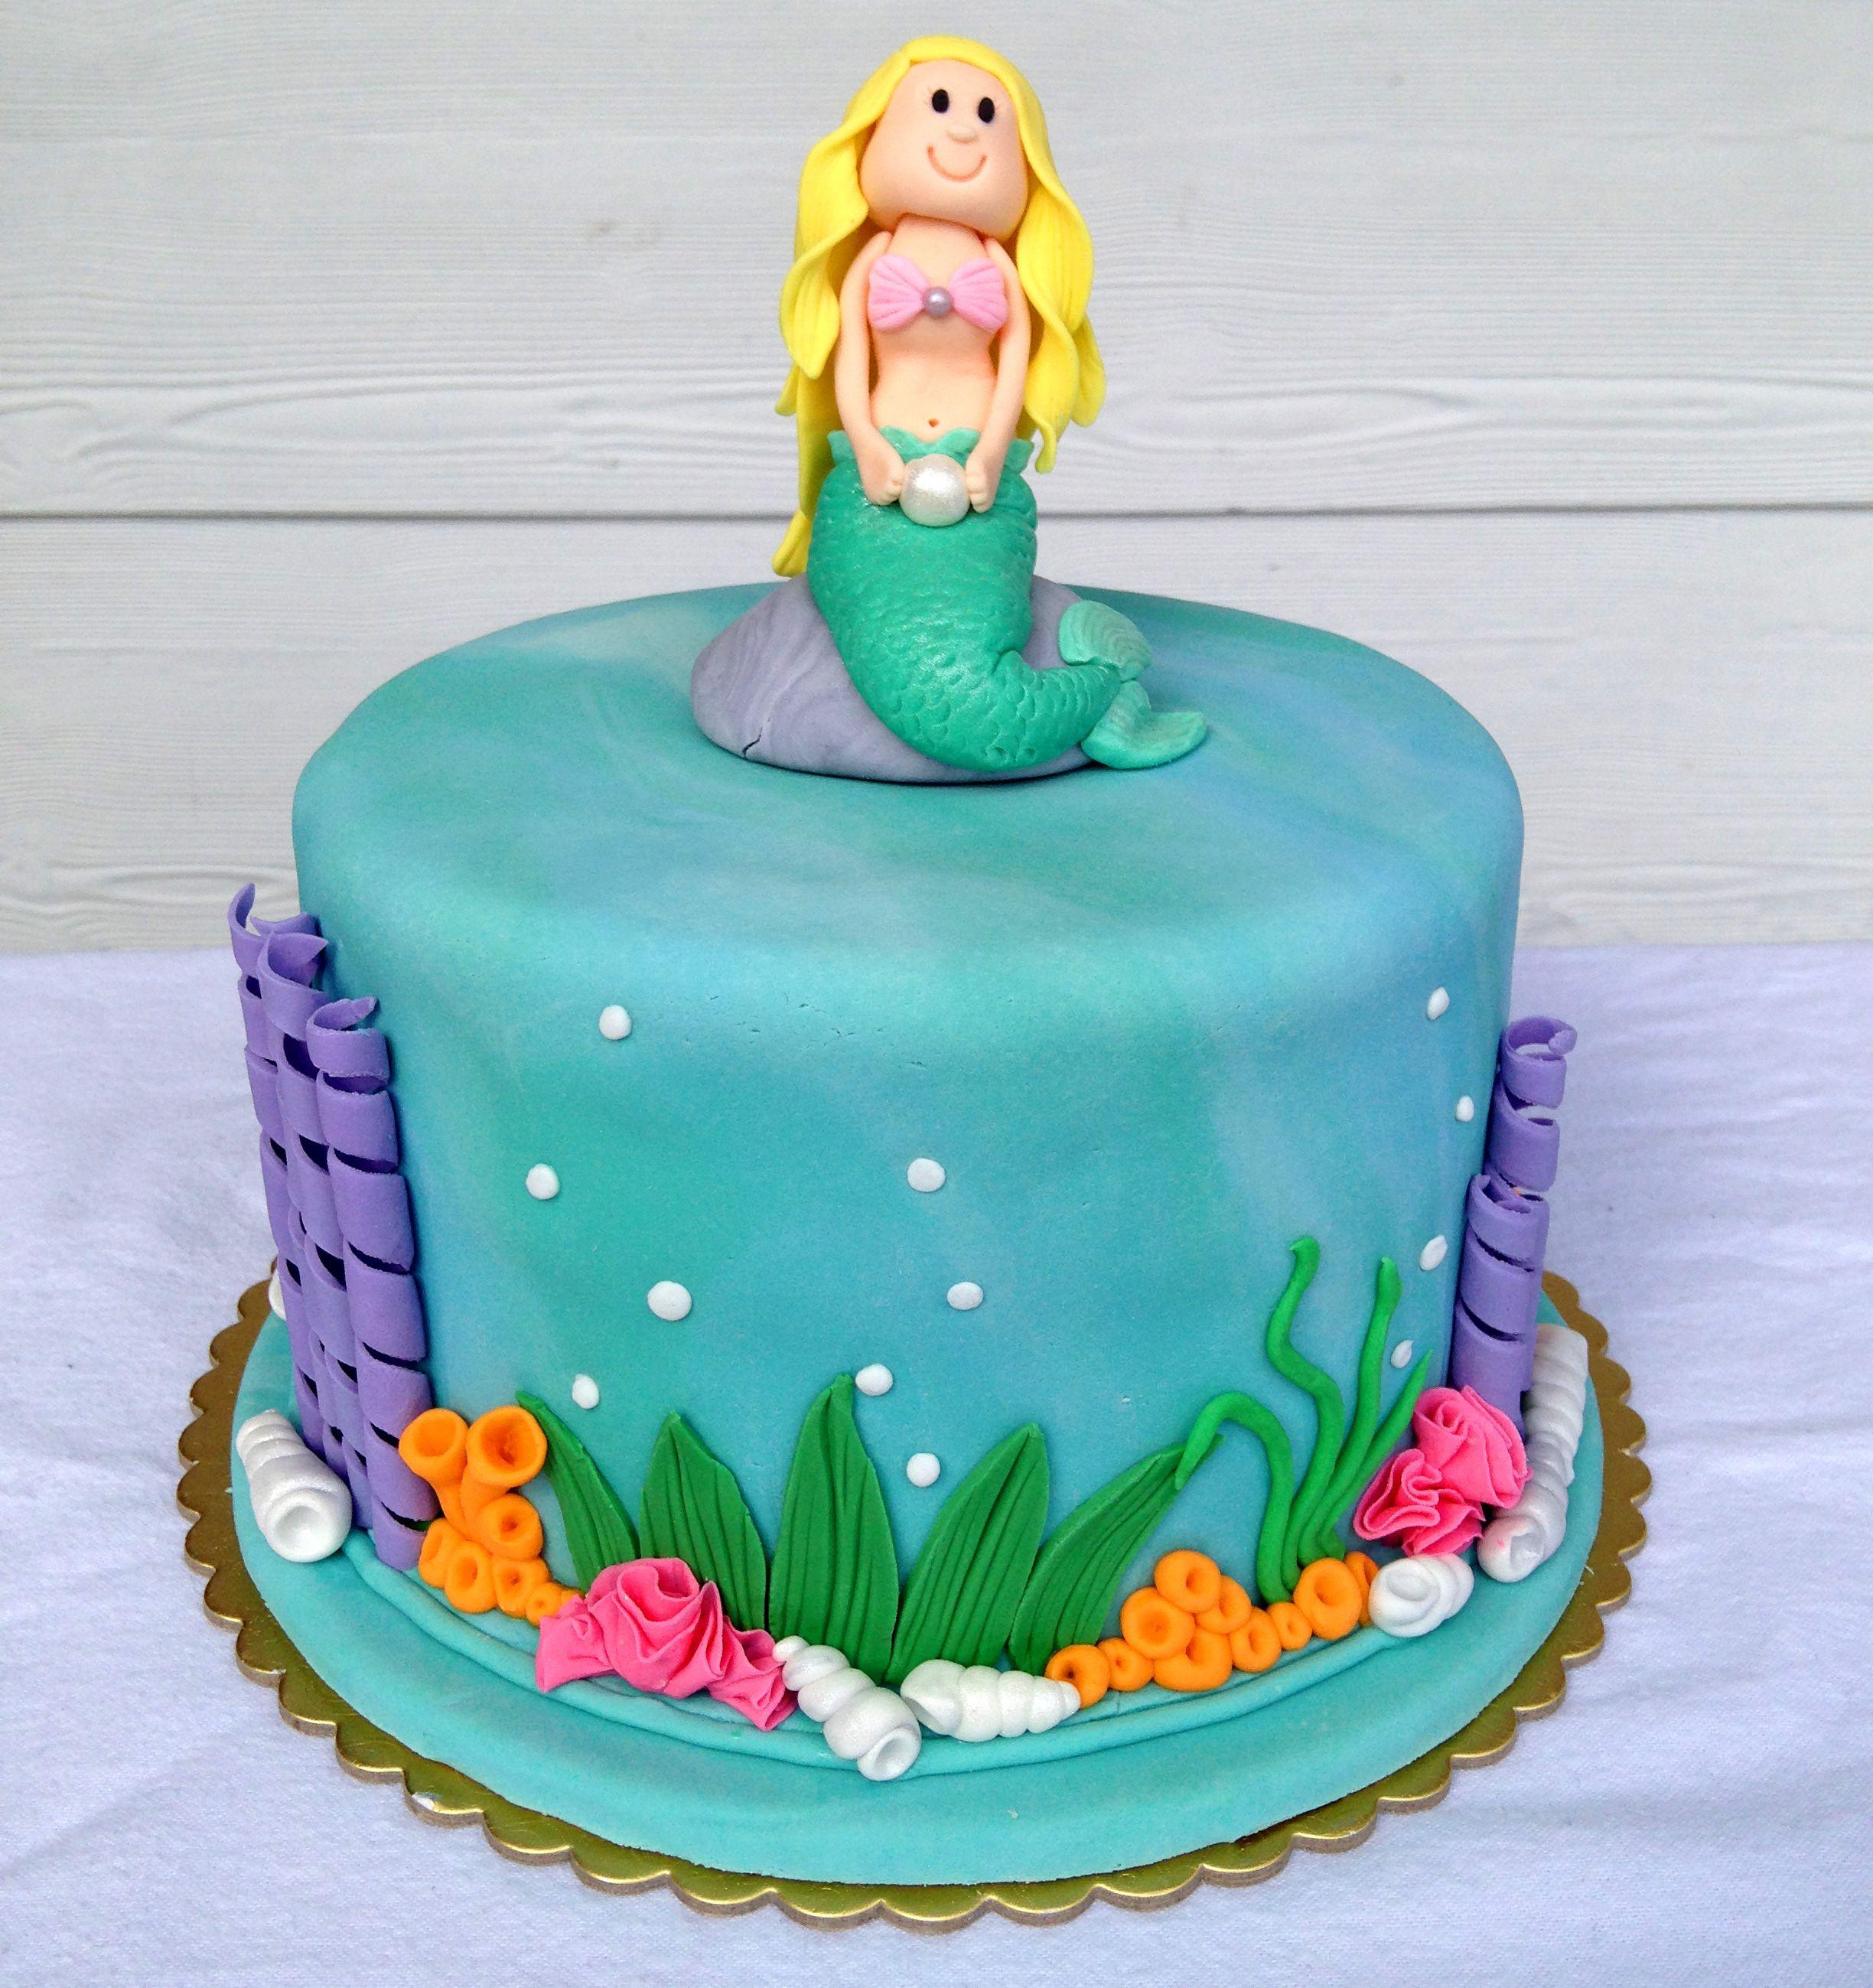 Mermaid Cake, made by Tracey Munro, Tauranga NZ Mermaid